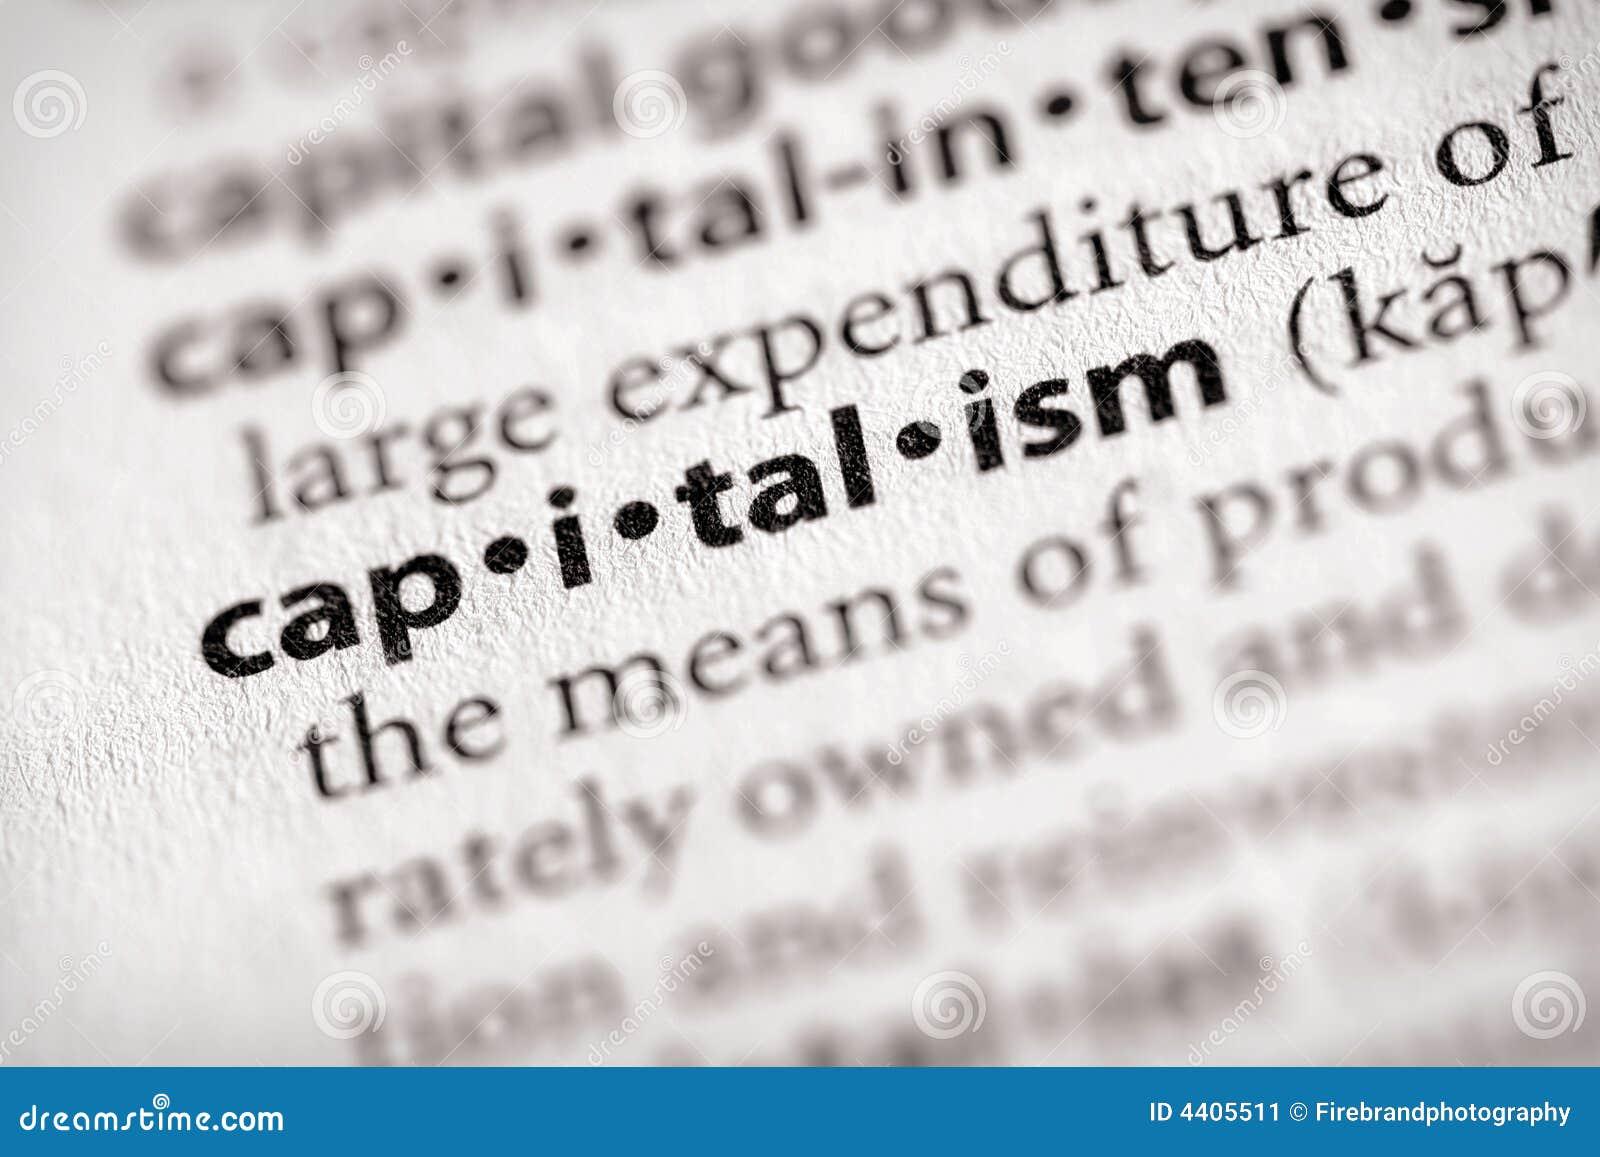 серия домоводства словаря капитализма